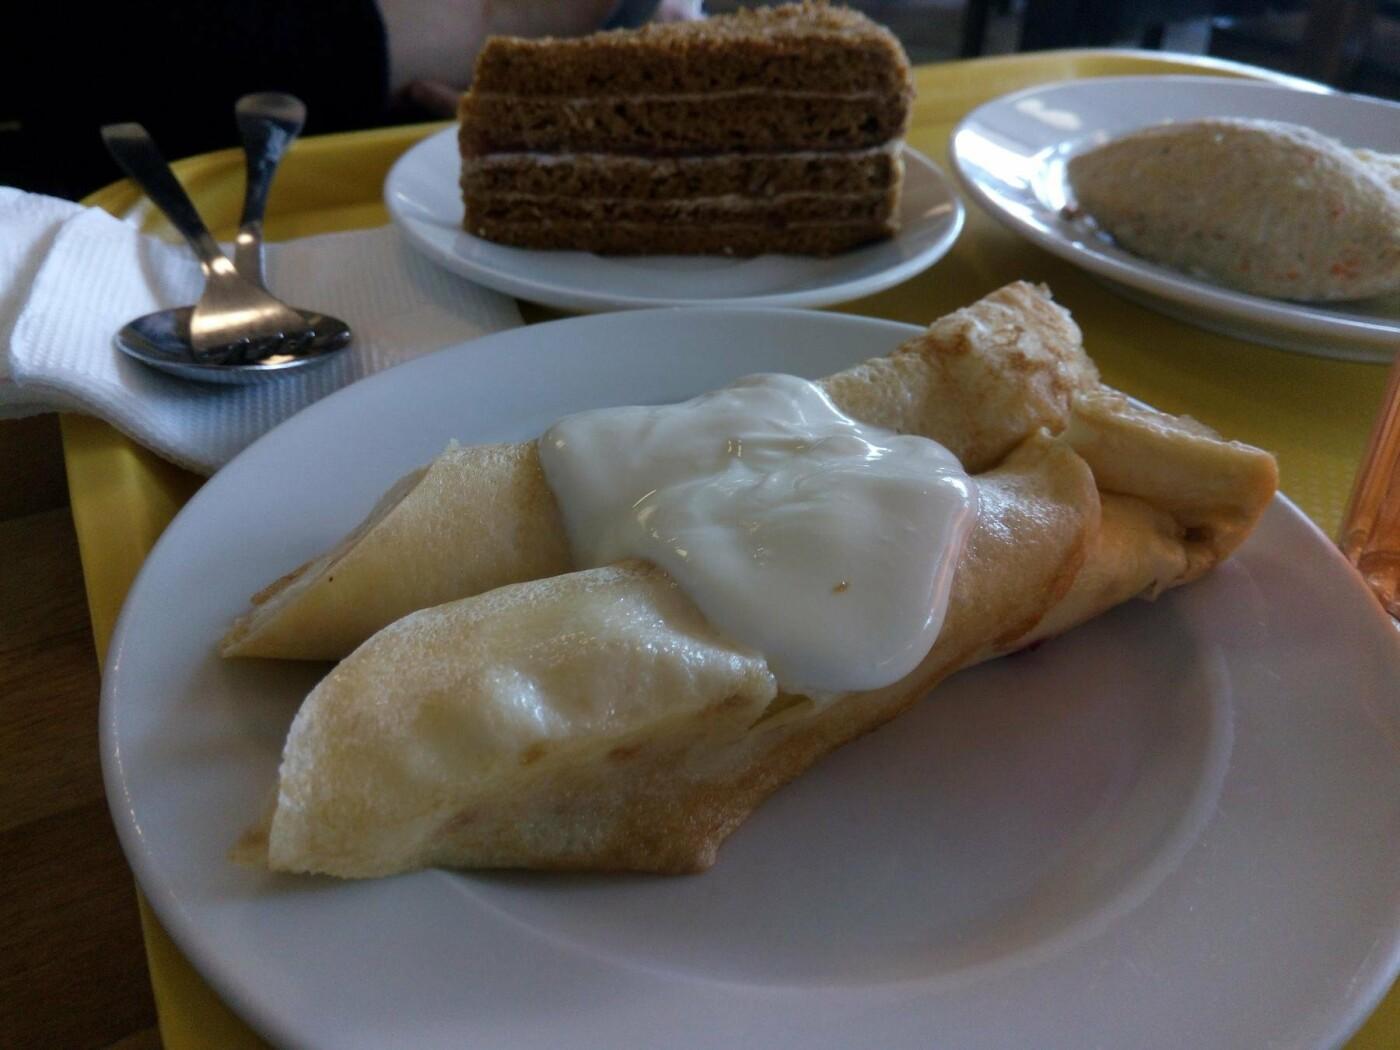 """Грязно и холодные блюда, но дешево: проверили ресторан """"Дрова"""" на Привокзальной, фото-23"""